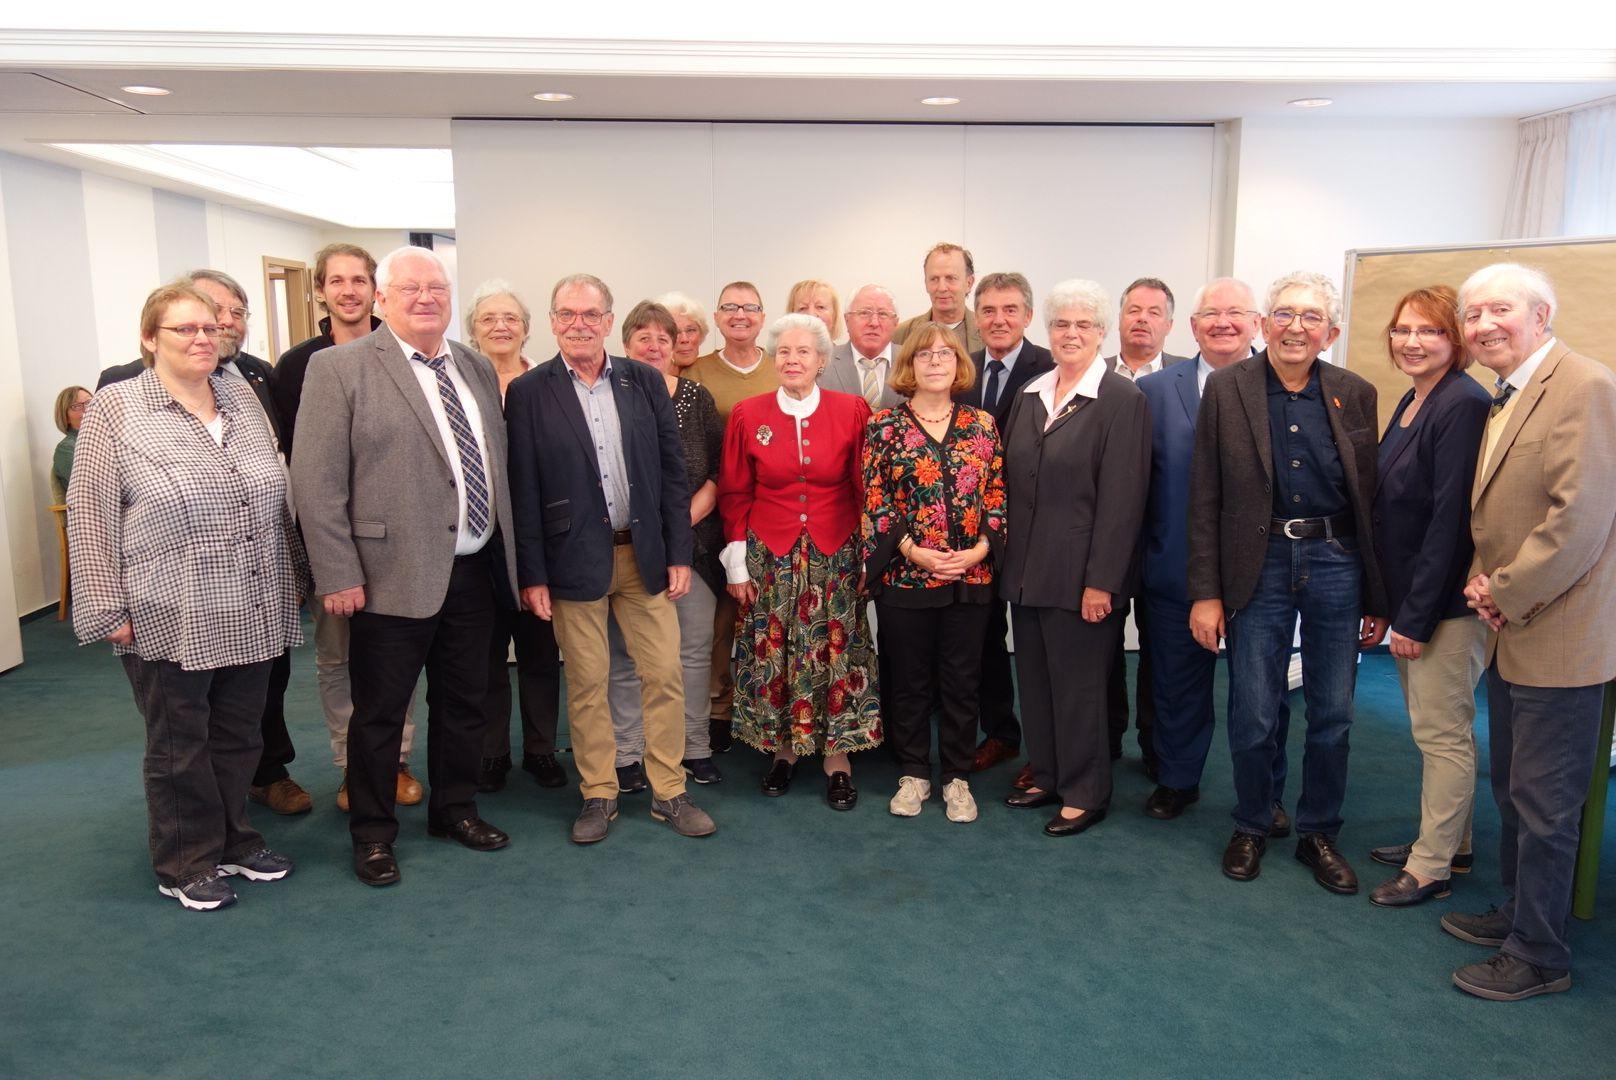 Vorstand der IG Niere Rhein-Ahr-Eifel e. V. mit geladenen Gästen aus Politik und anderen Verbänden/Vereinen